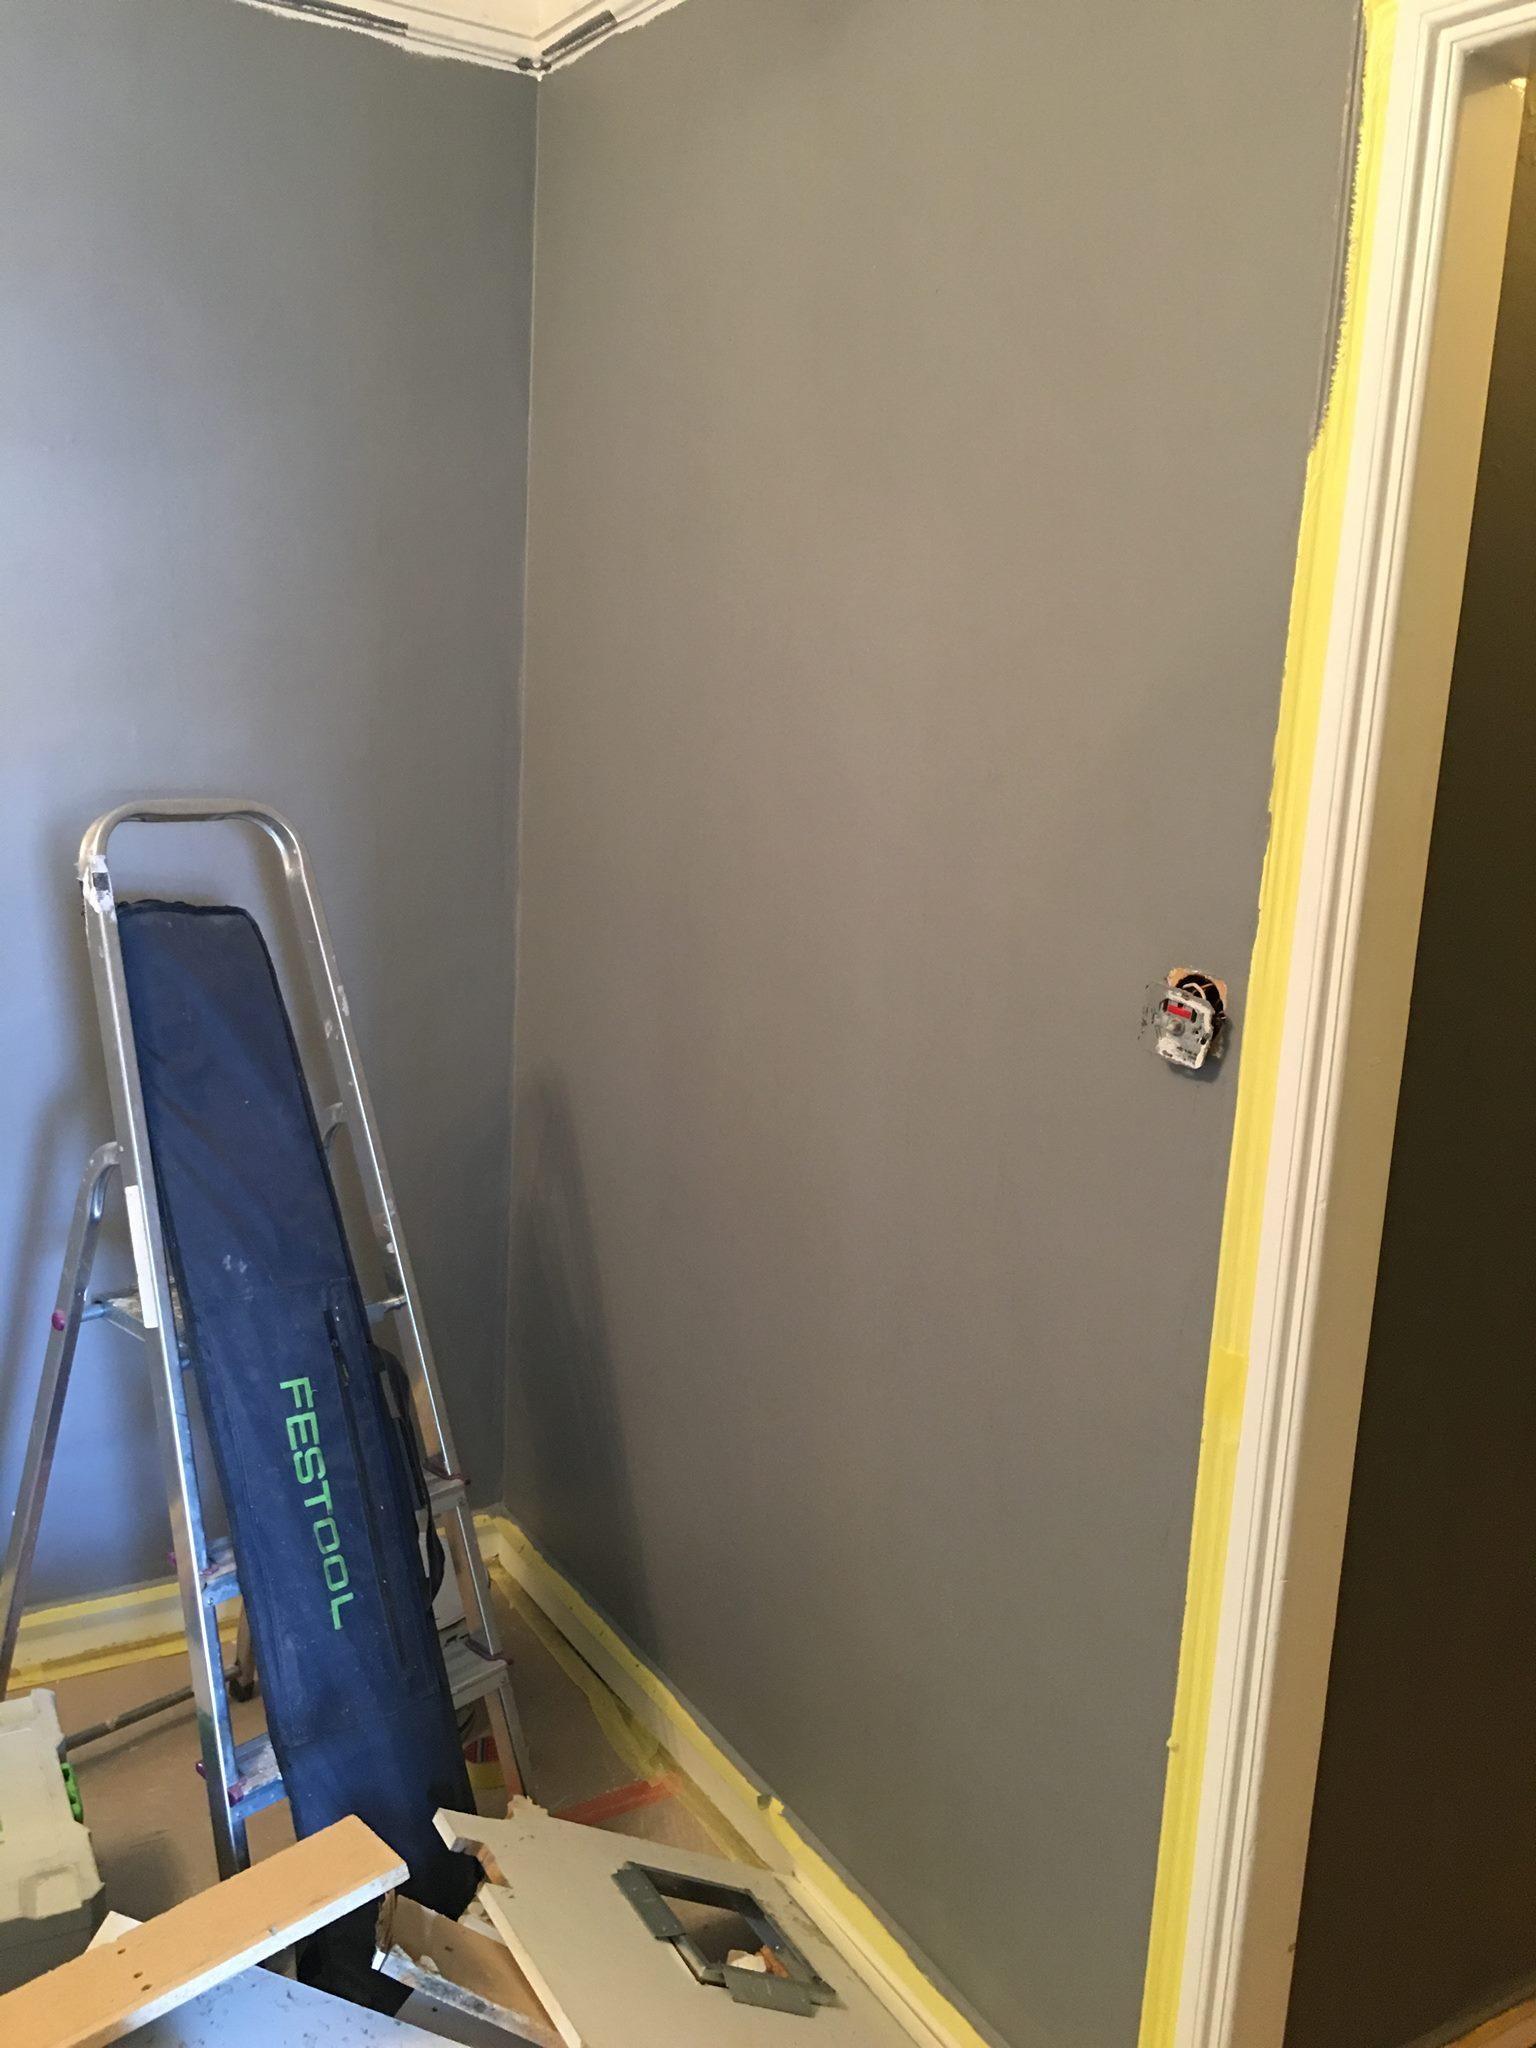 Den grå i matsalen blir mycket ljusare än den i vardagsrummet, men upplevs ändå som ganska mörk på grund av att det är mindre ljus i rummet